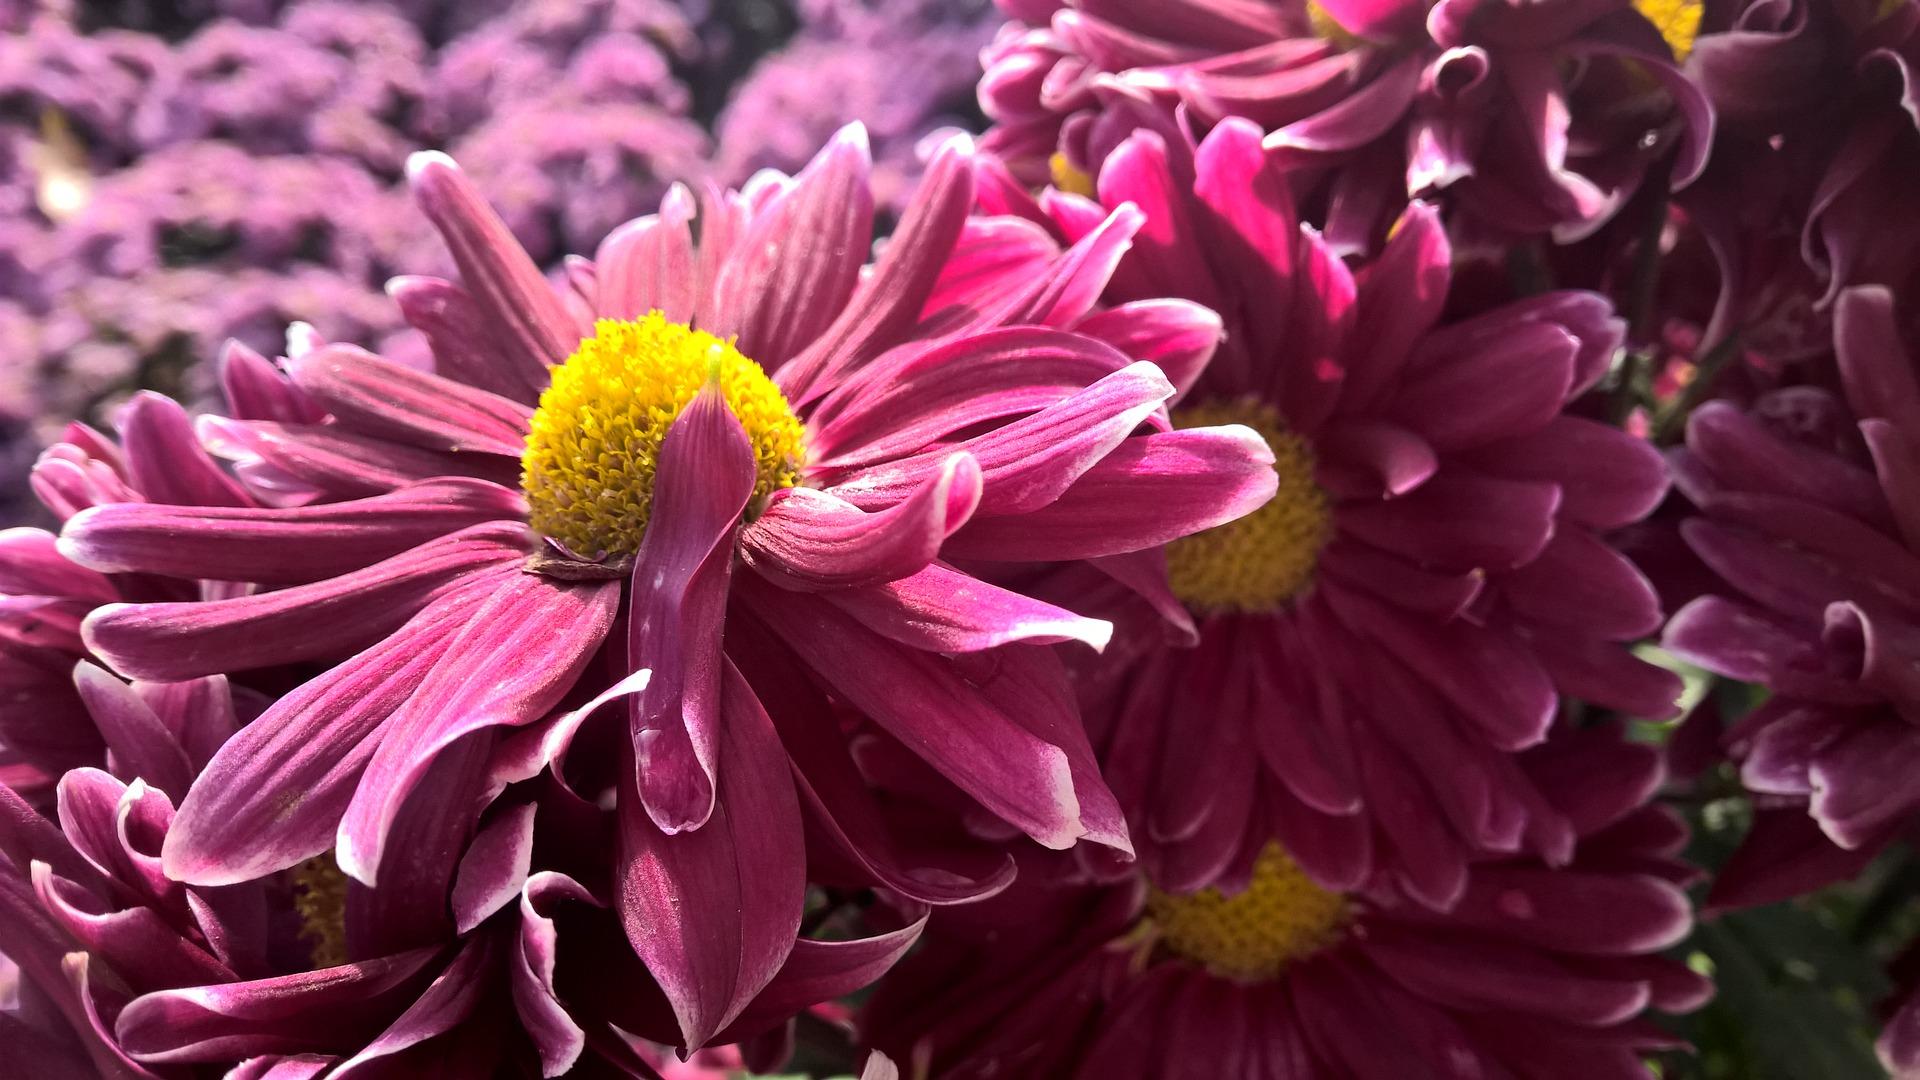 krizantema tip anemone